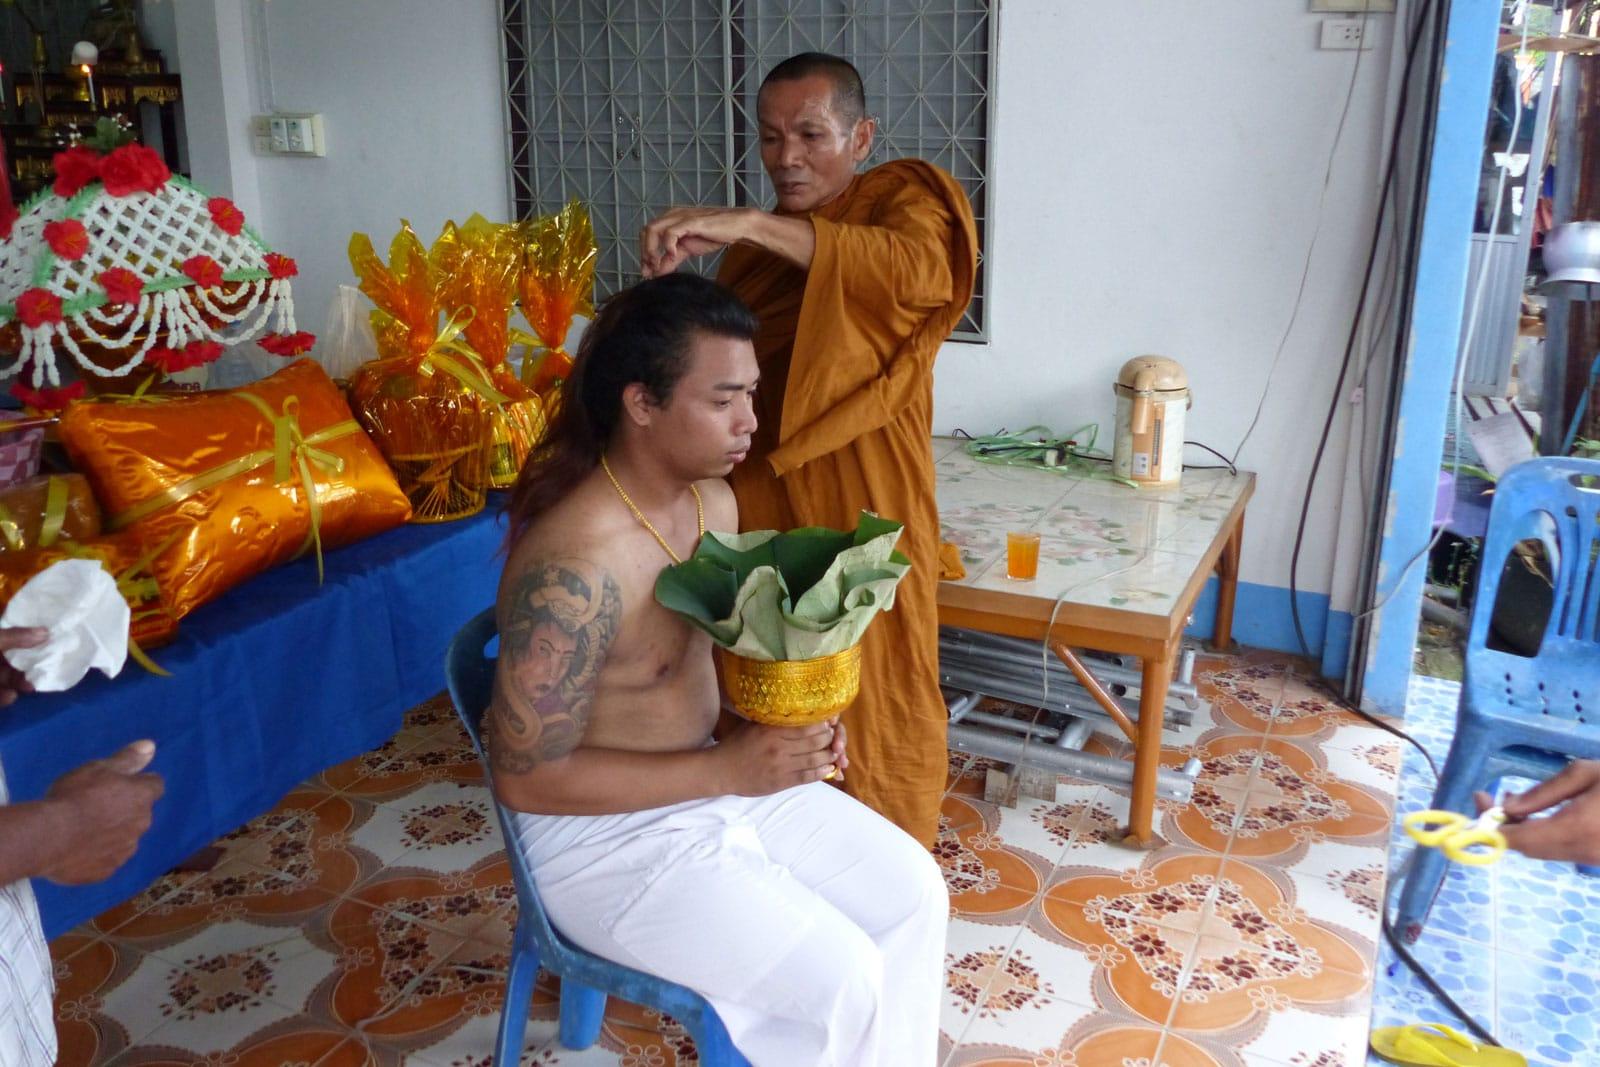 Der Mönch beginnt mit dem Schneiden der Kopfhaare